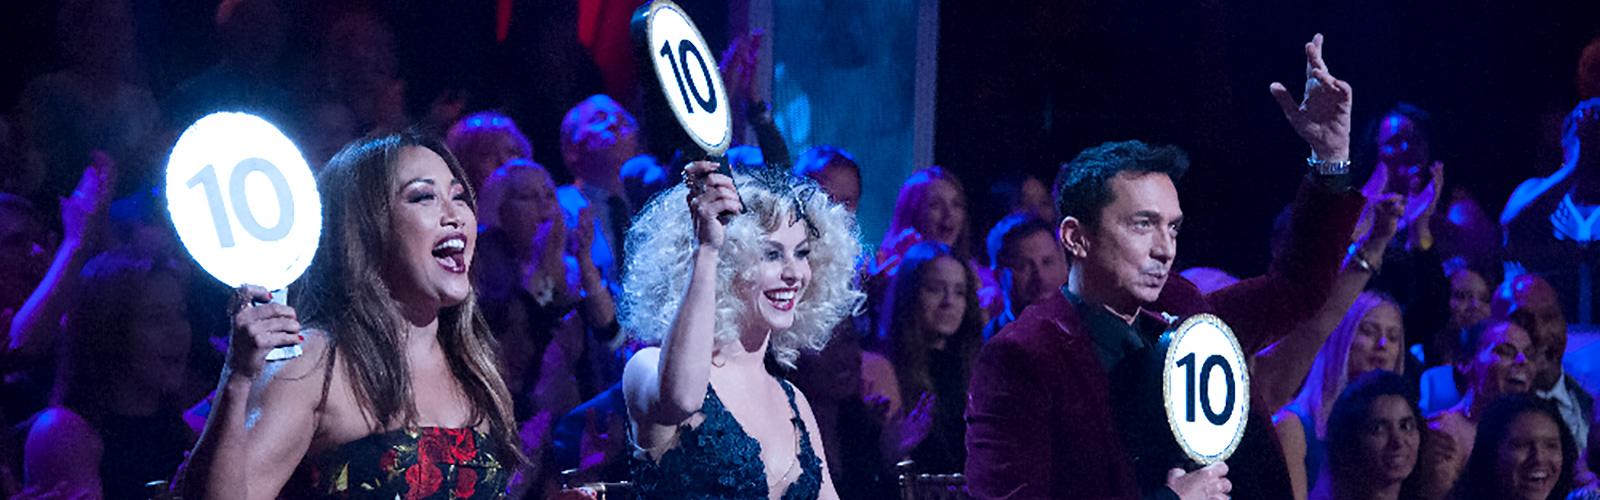 Judges Score 10, 10, 10